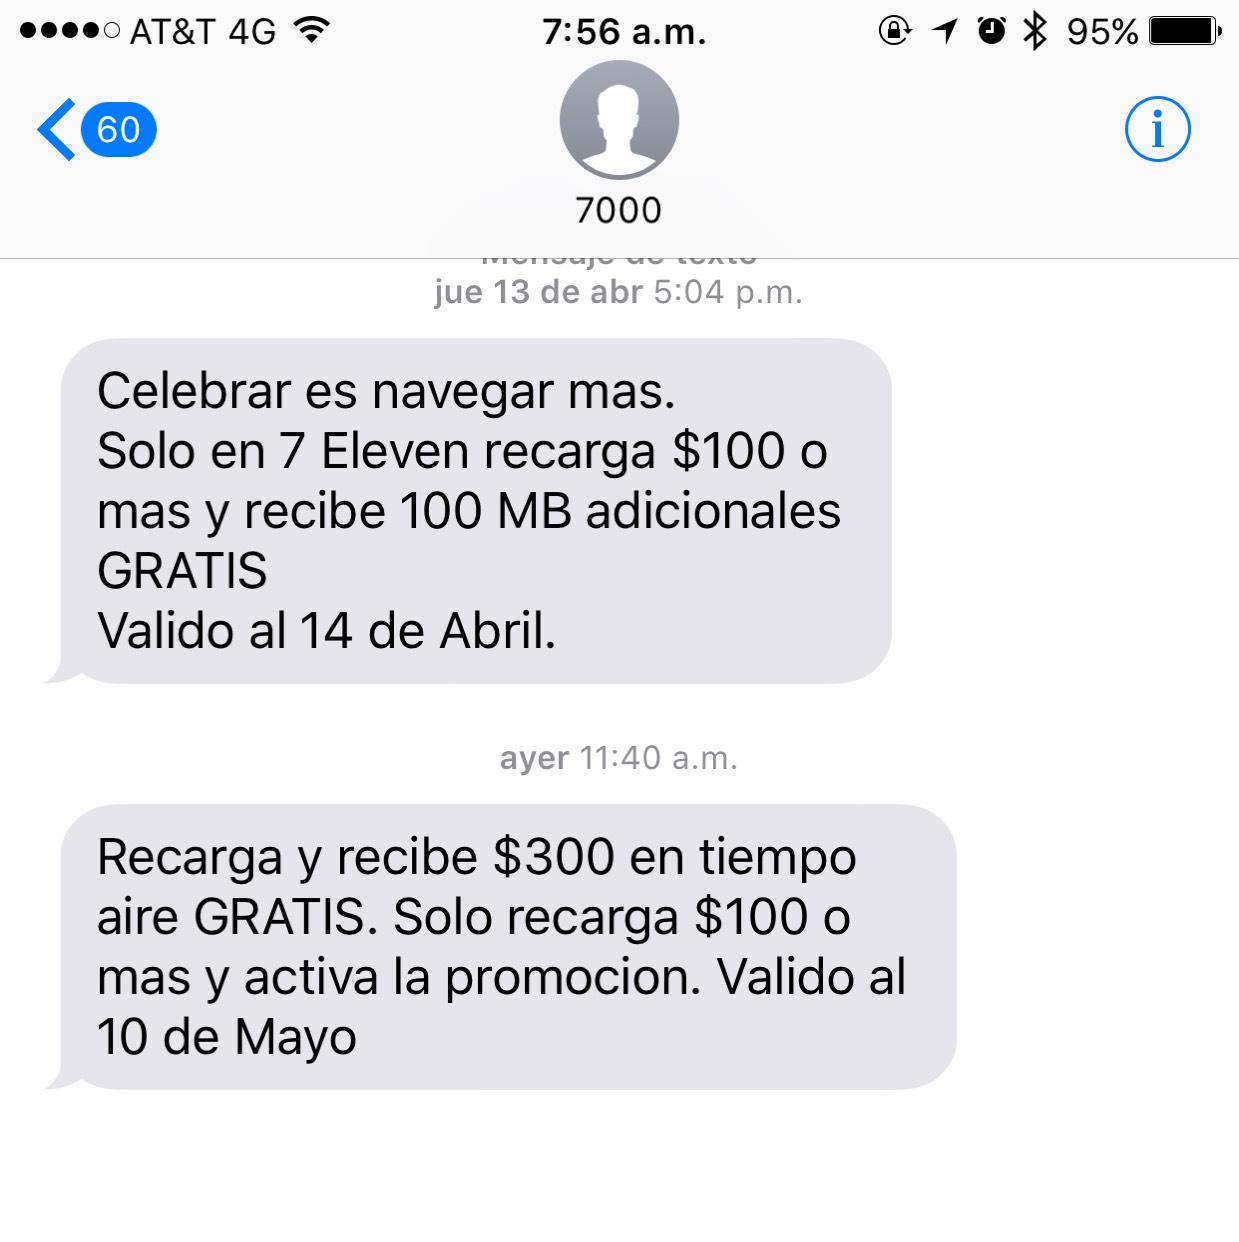 7 Eleven: $300 en recarga de $100 AT&T